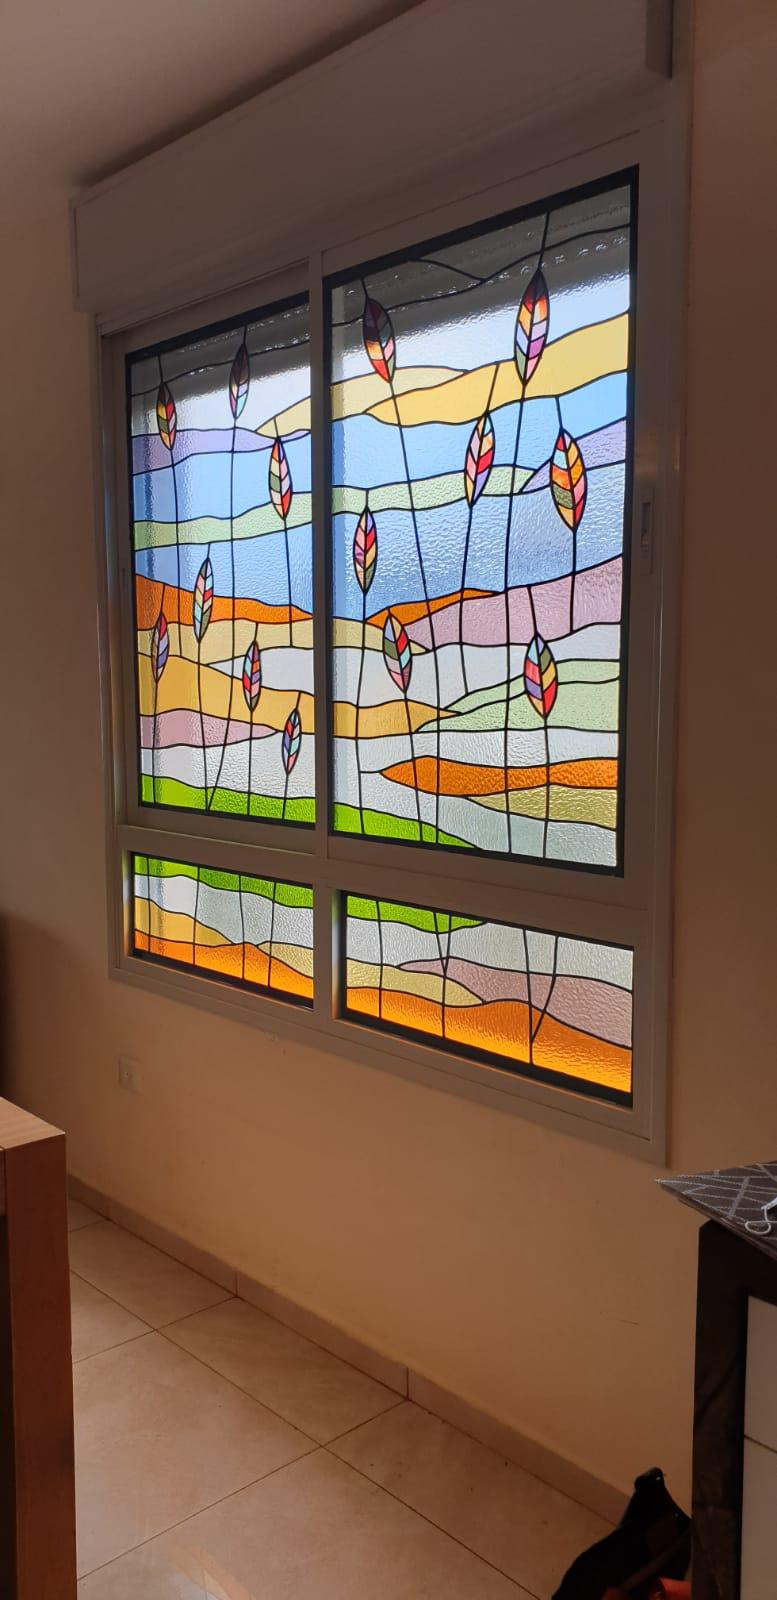 חלונות מעוצבים בויטראז מבט מהצד